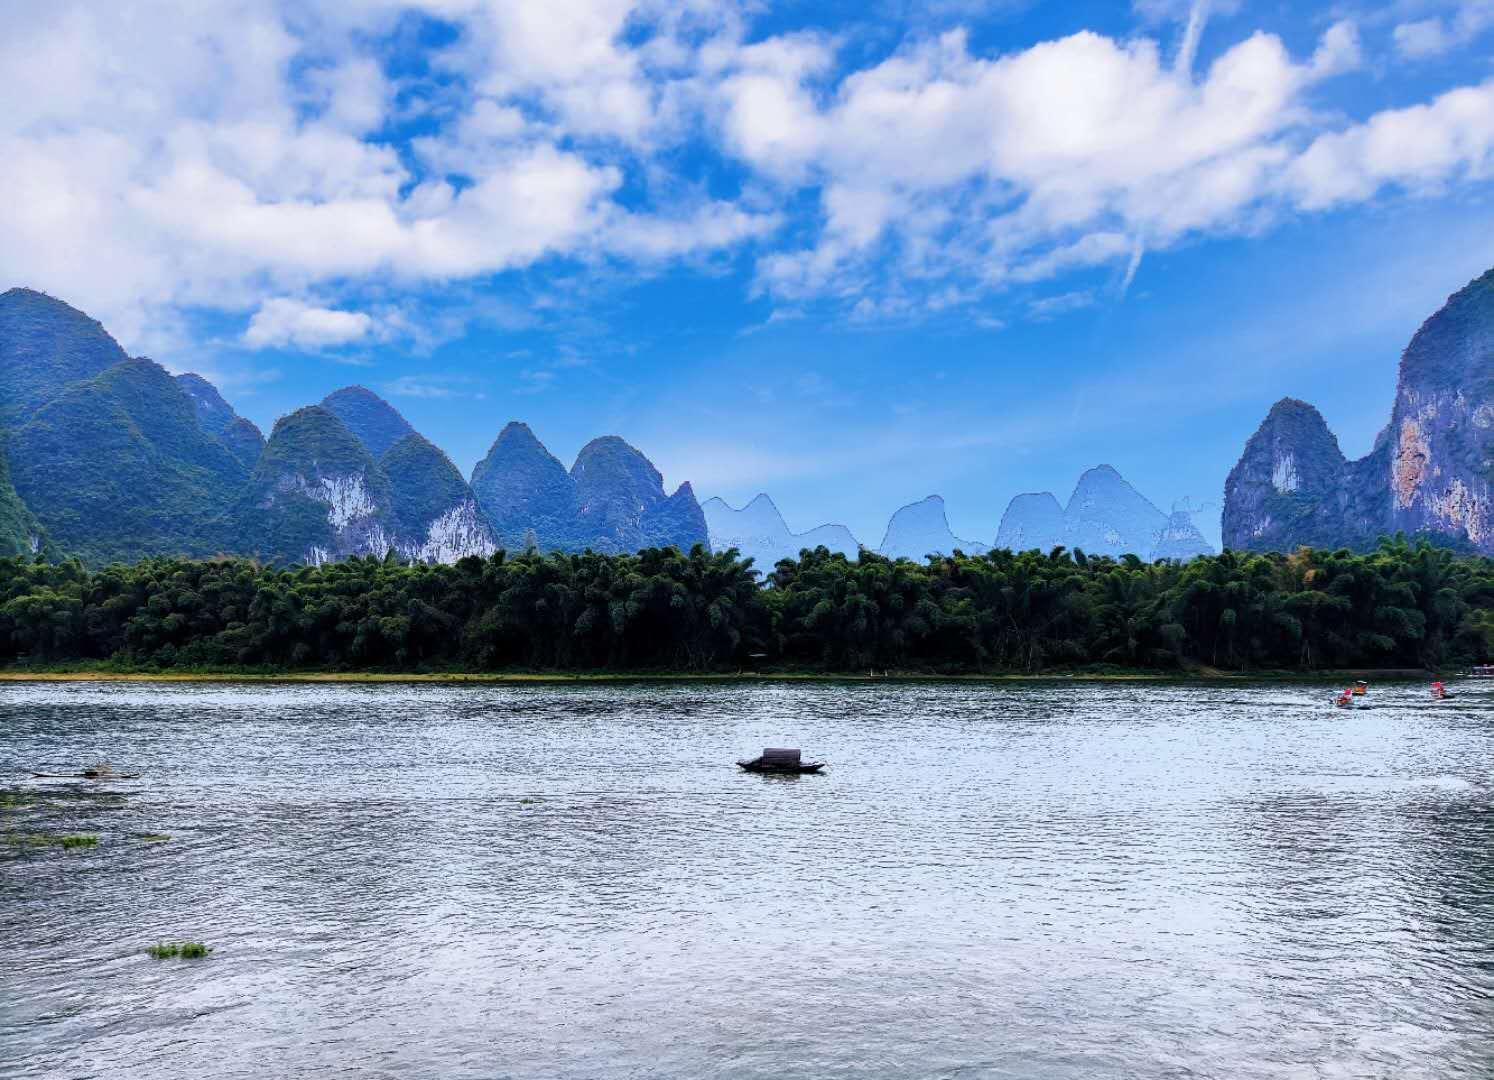 桂林漫游流水记